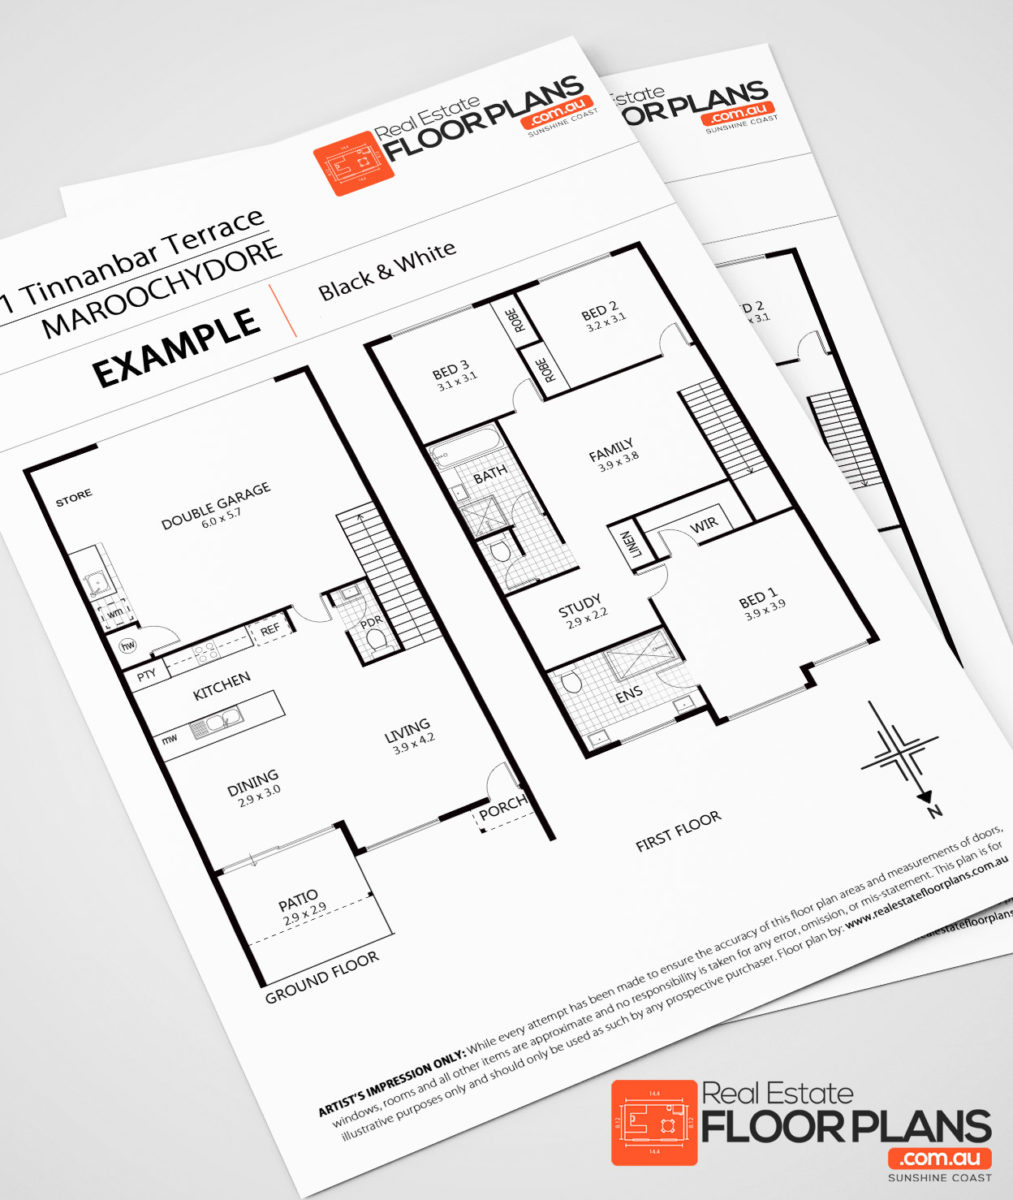 99 black white real estate floor plans inc measure for How to create floor plans for real estate